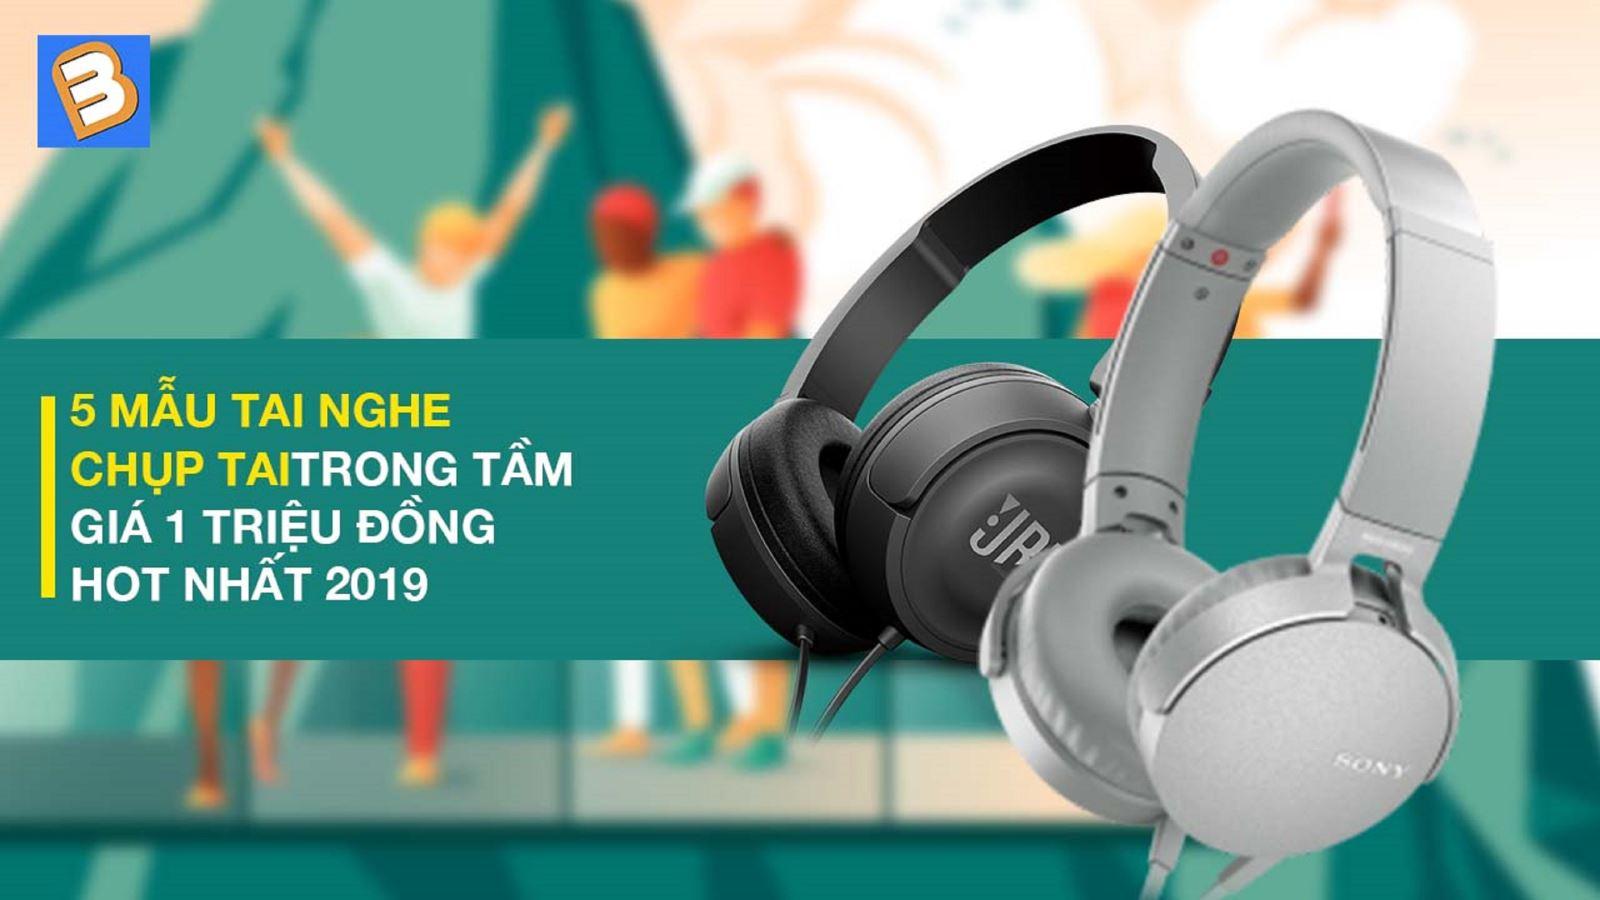 5 mẫu tai nghe chụp tai trong tầm giá 1 triệu đồng HOT nhất 2019